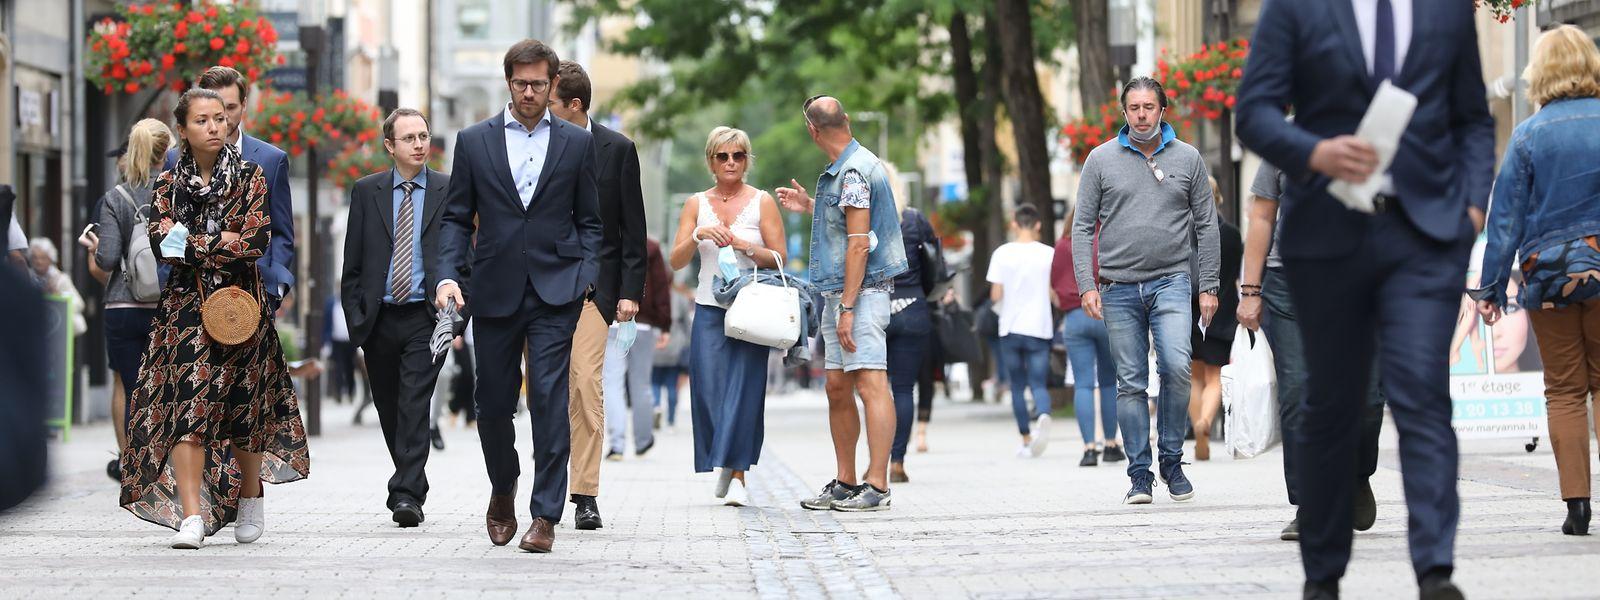 Zwar suchen die Kunden wieder zunehmend die Fußgängerzonen auf. Weil viele weiterhin zu Hause arbeiten, bleibt es aber gerade in der Mittagspause ruhig.